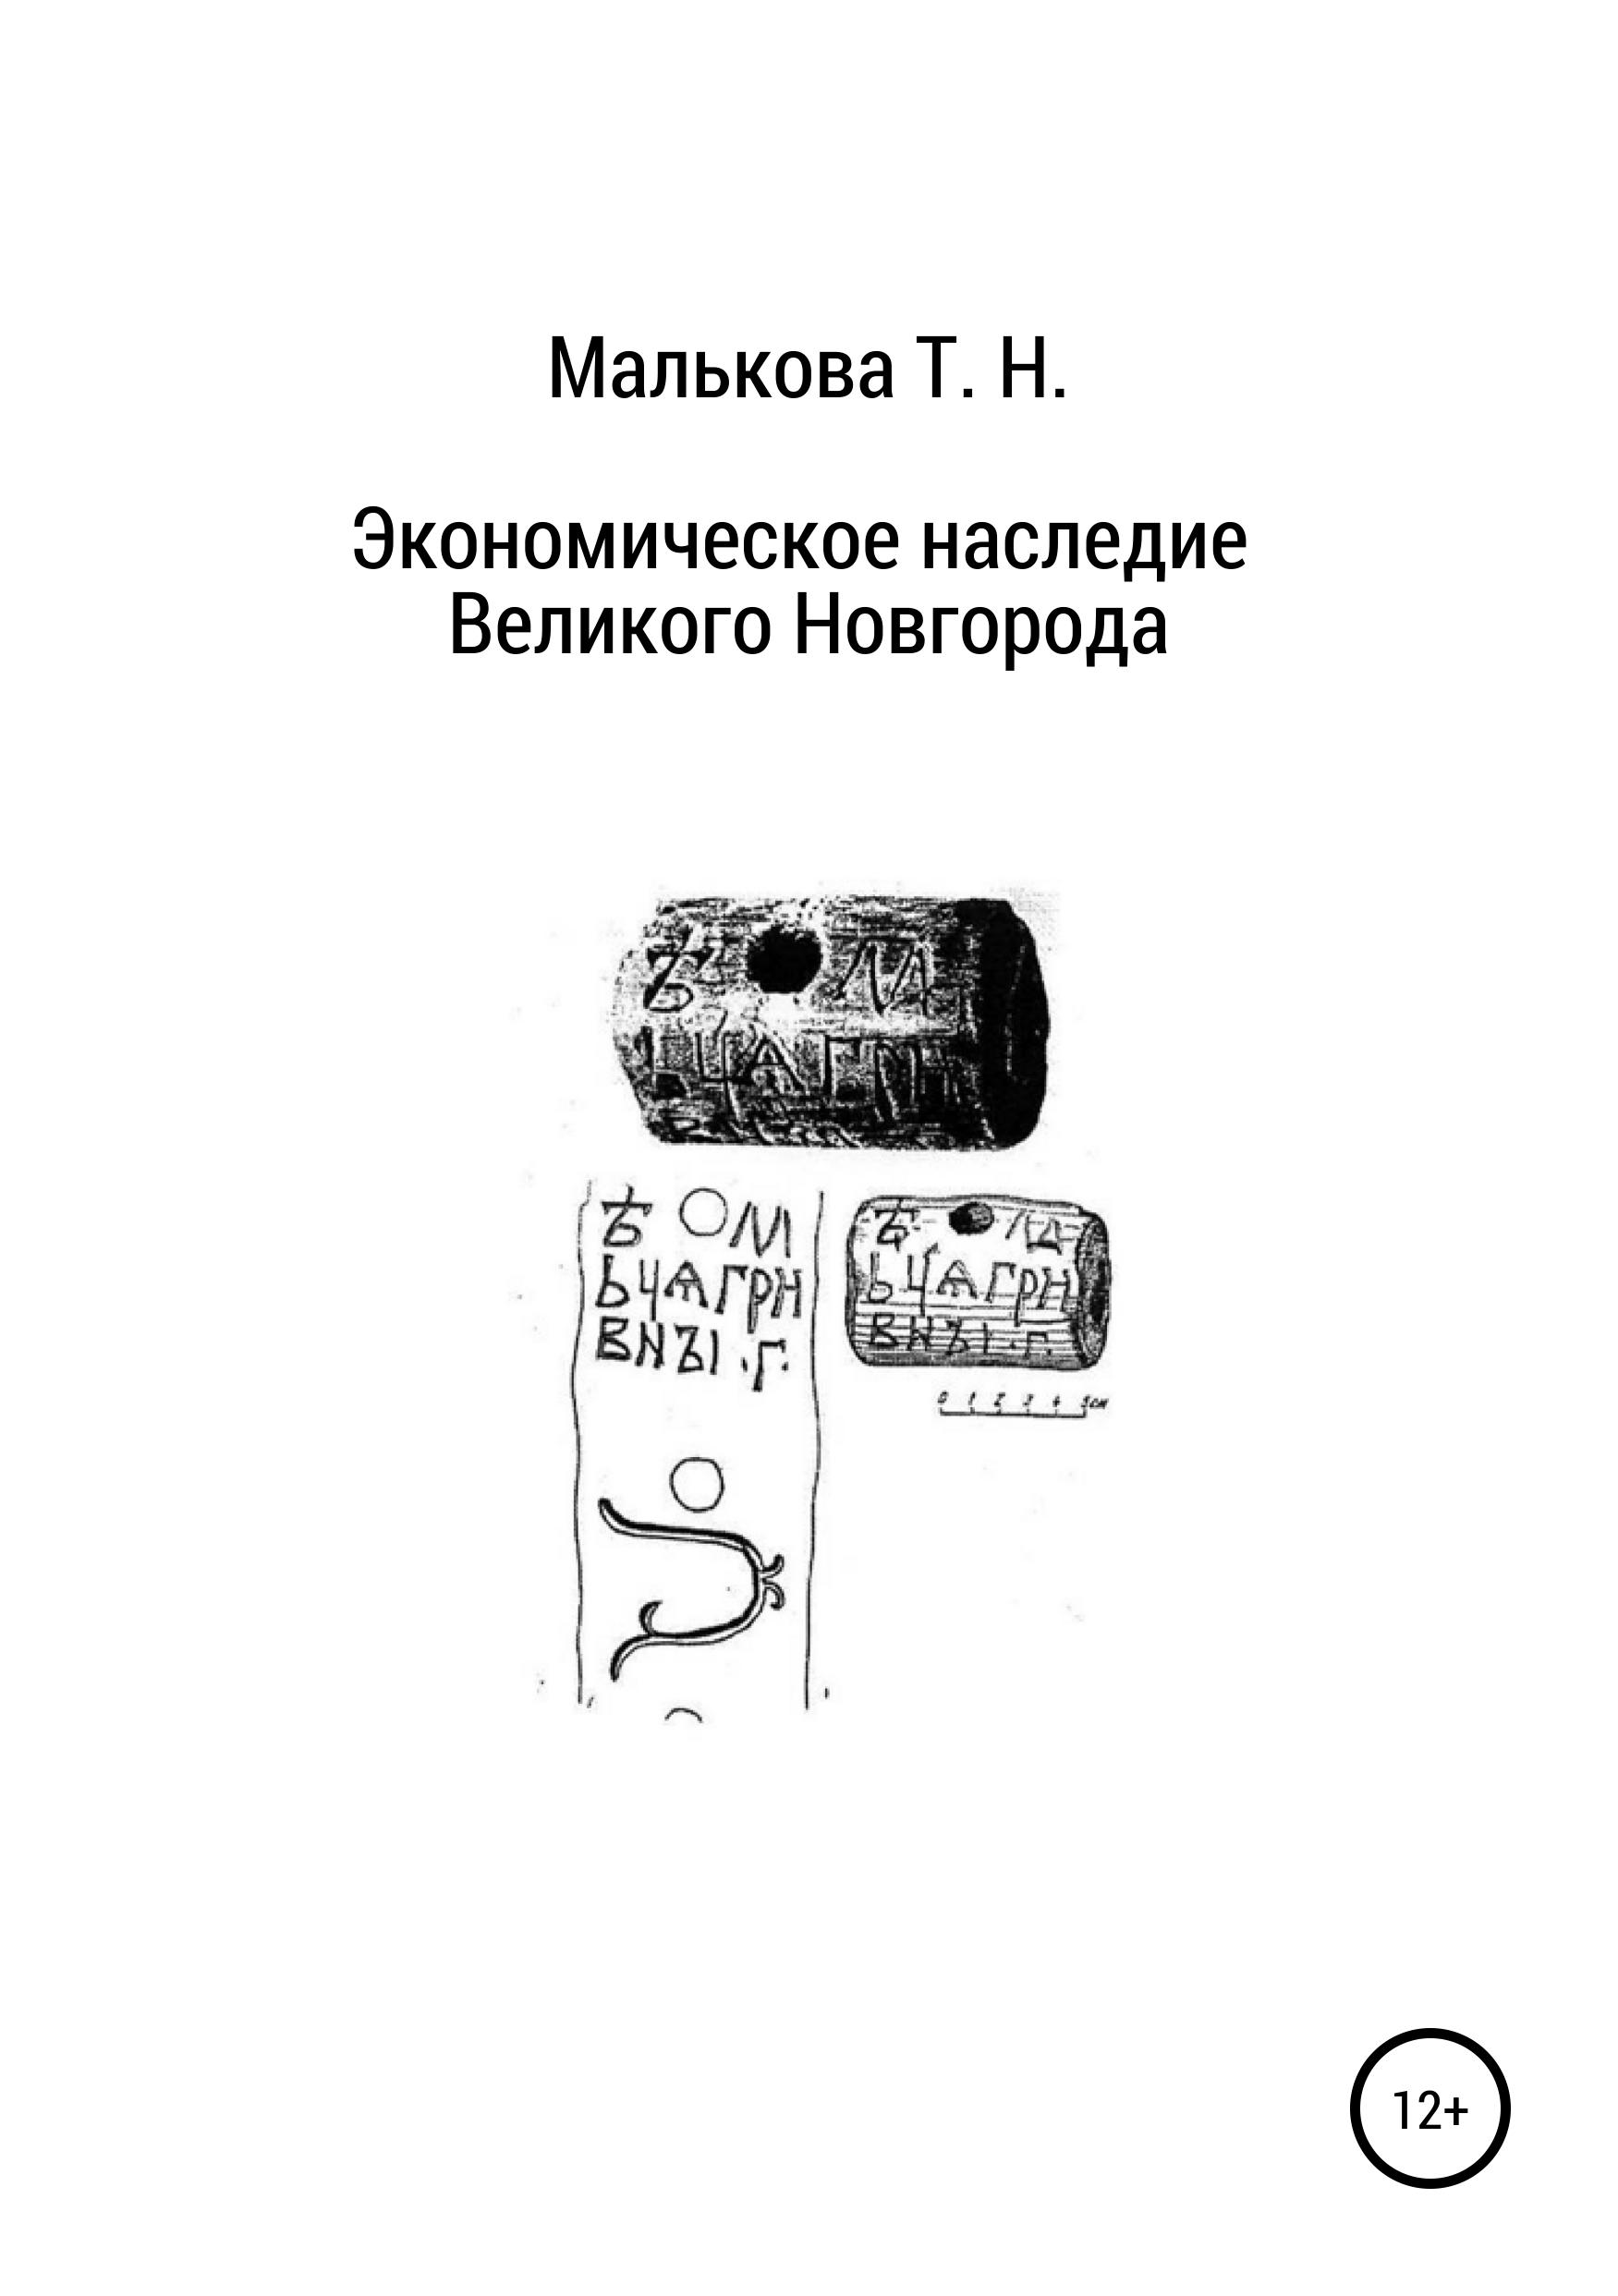 Обложка книги. Автор - Татьяна Малькова